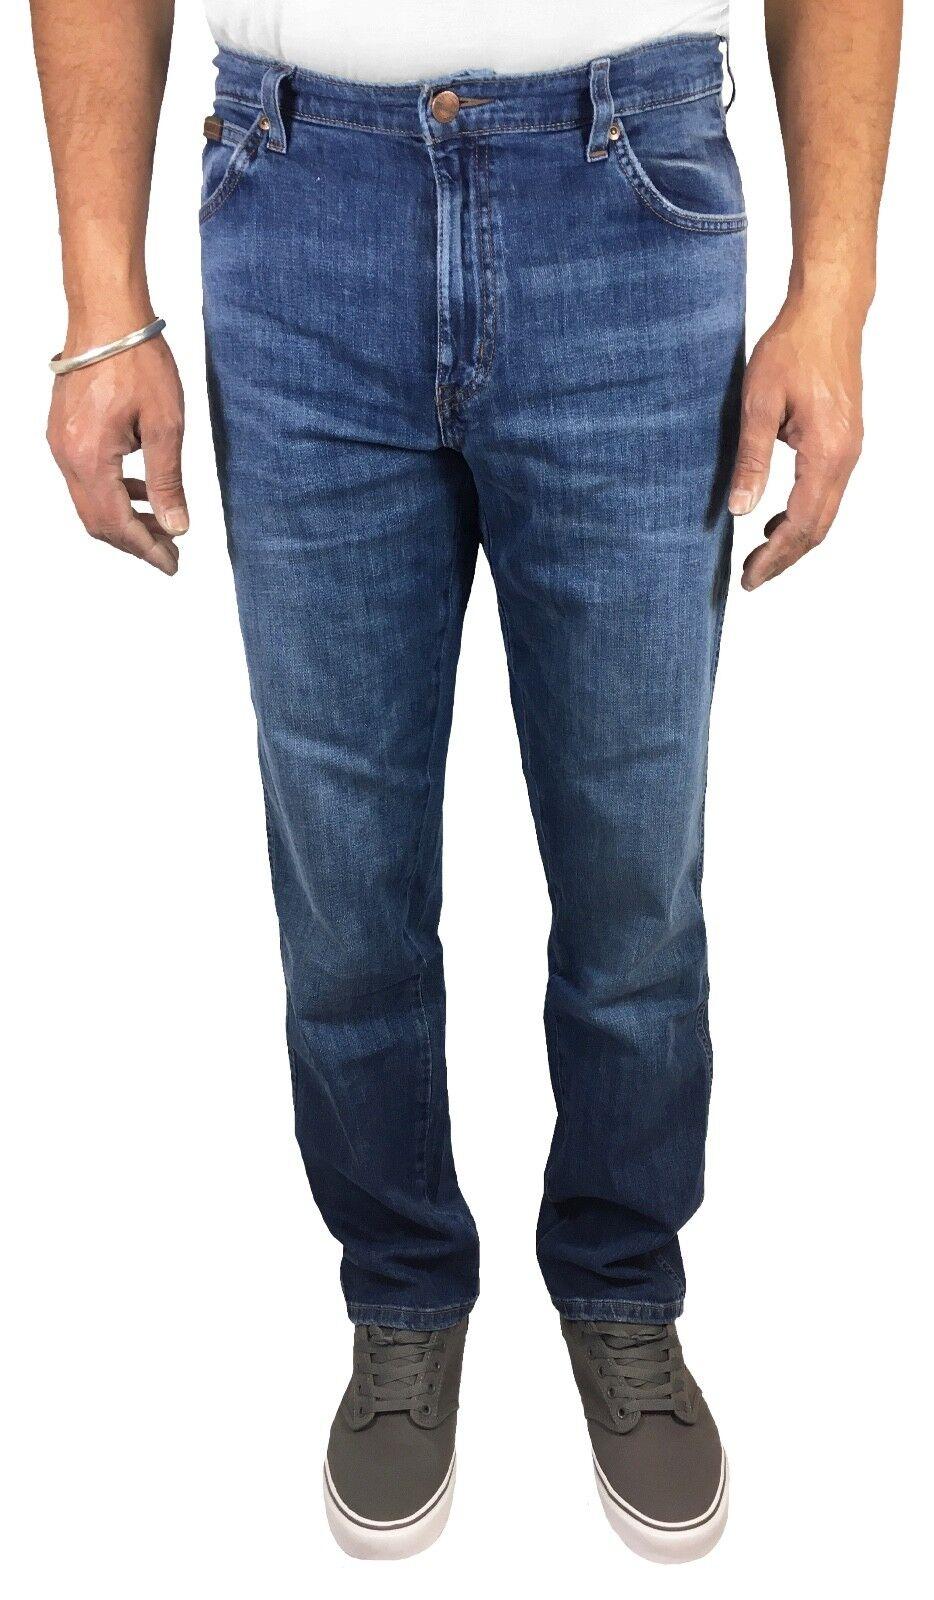 Wrangler Texas Stretch Jeans nouveau Pour des hommes Regular lumière bleu Bay Vintage Faded Denim